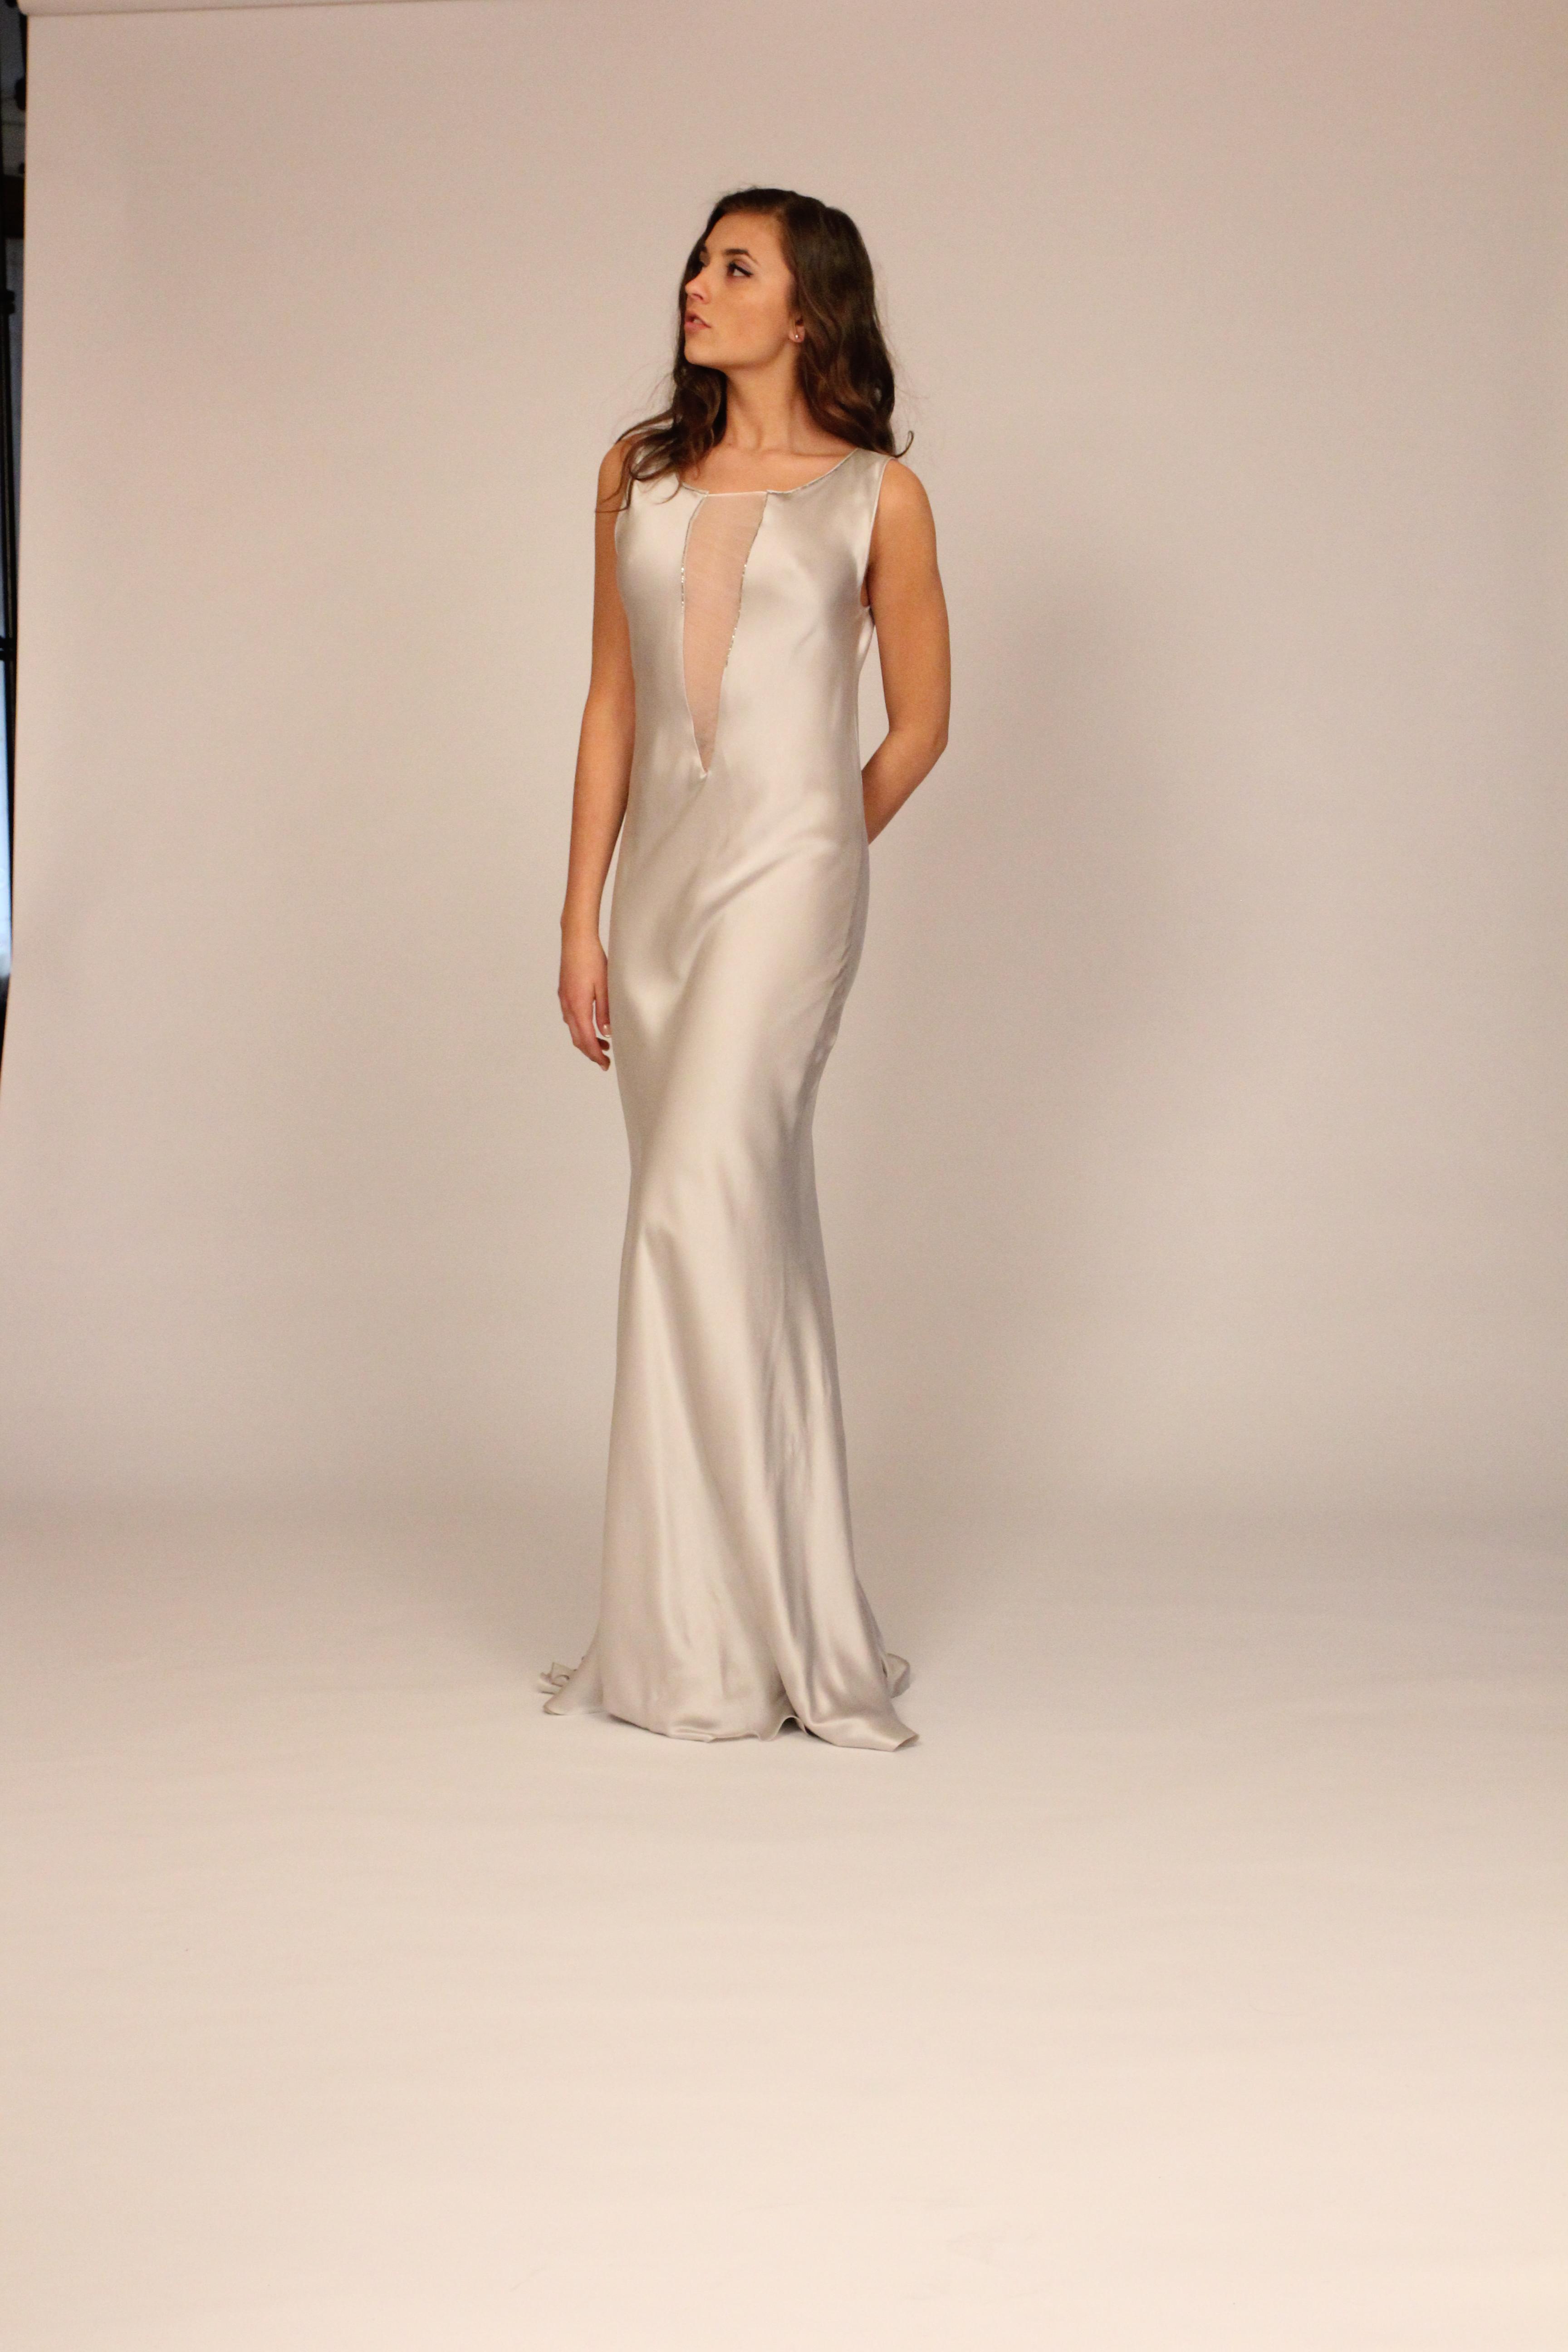 silver bias gown nude necklines